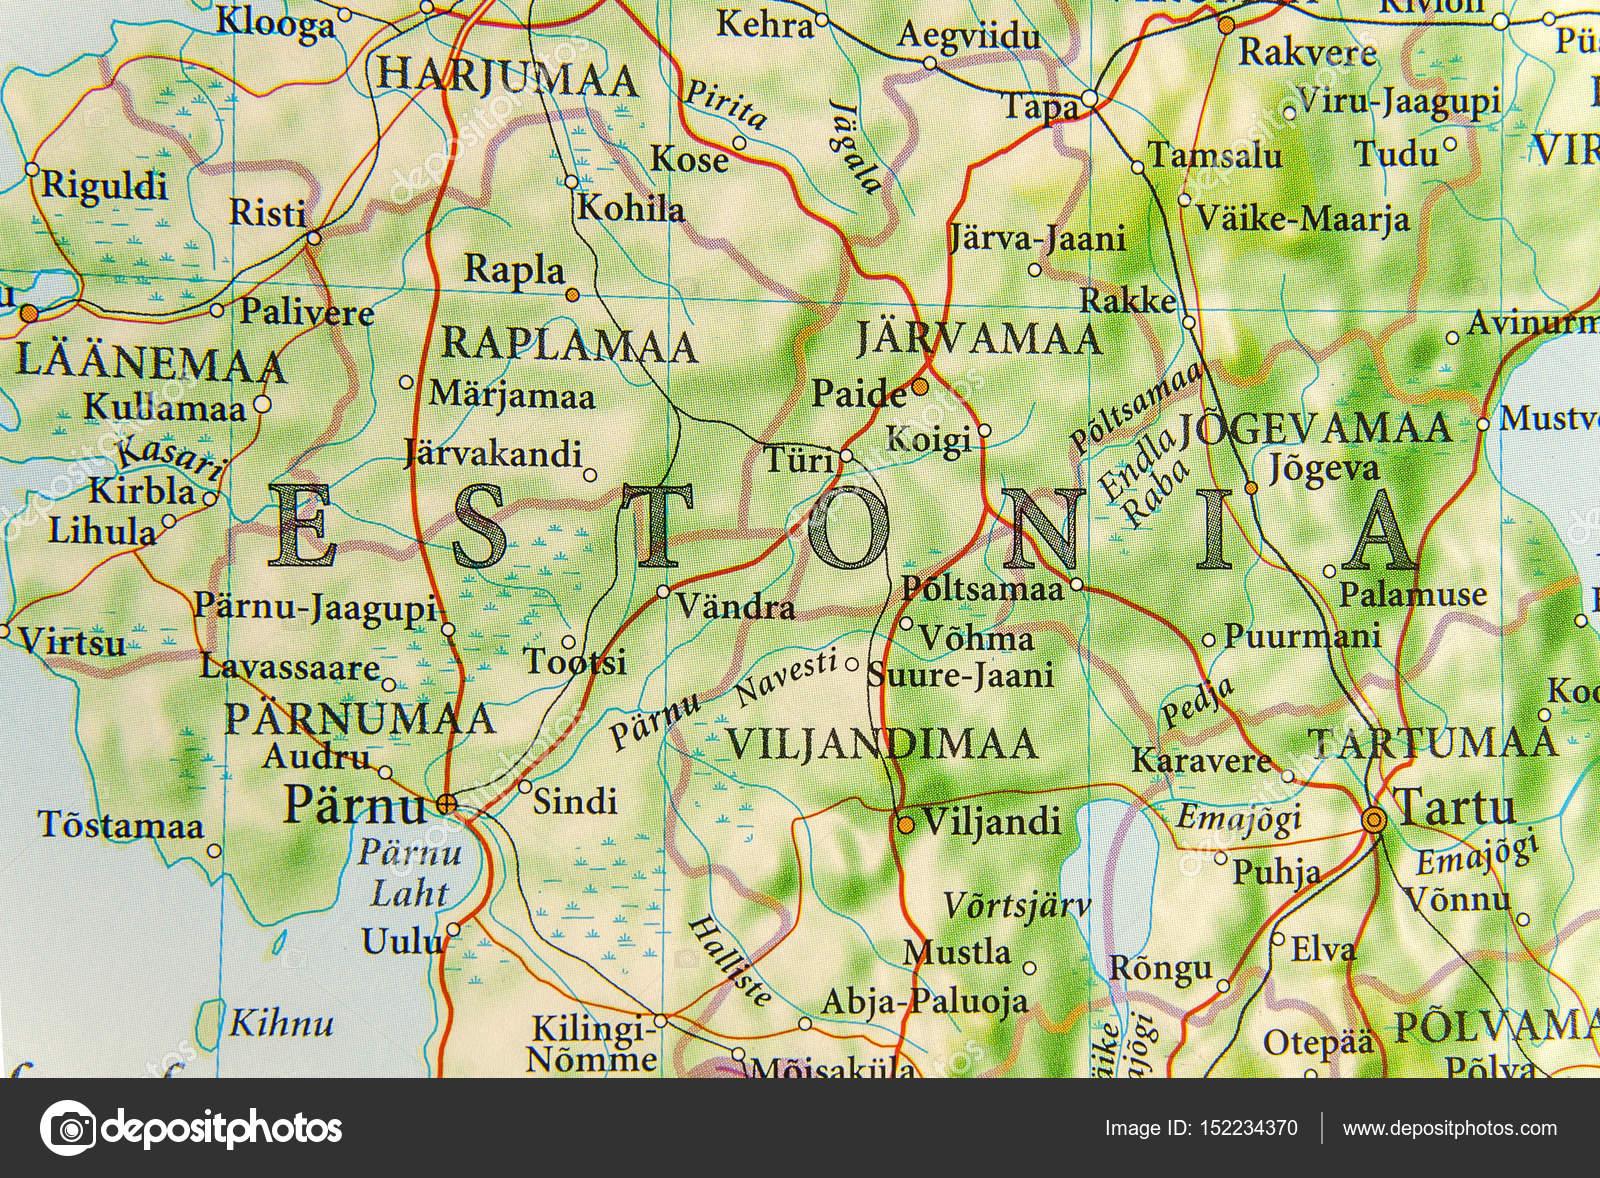 Carte Géographique Des Pays D'europe Estonie Aux Villes De destiné Carte Géographique De L Europe